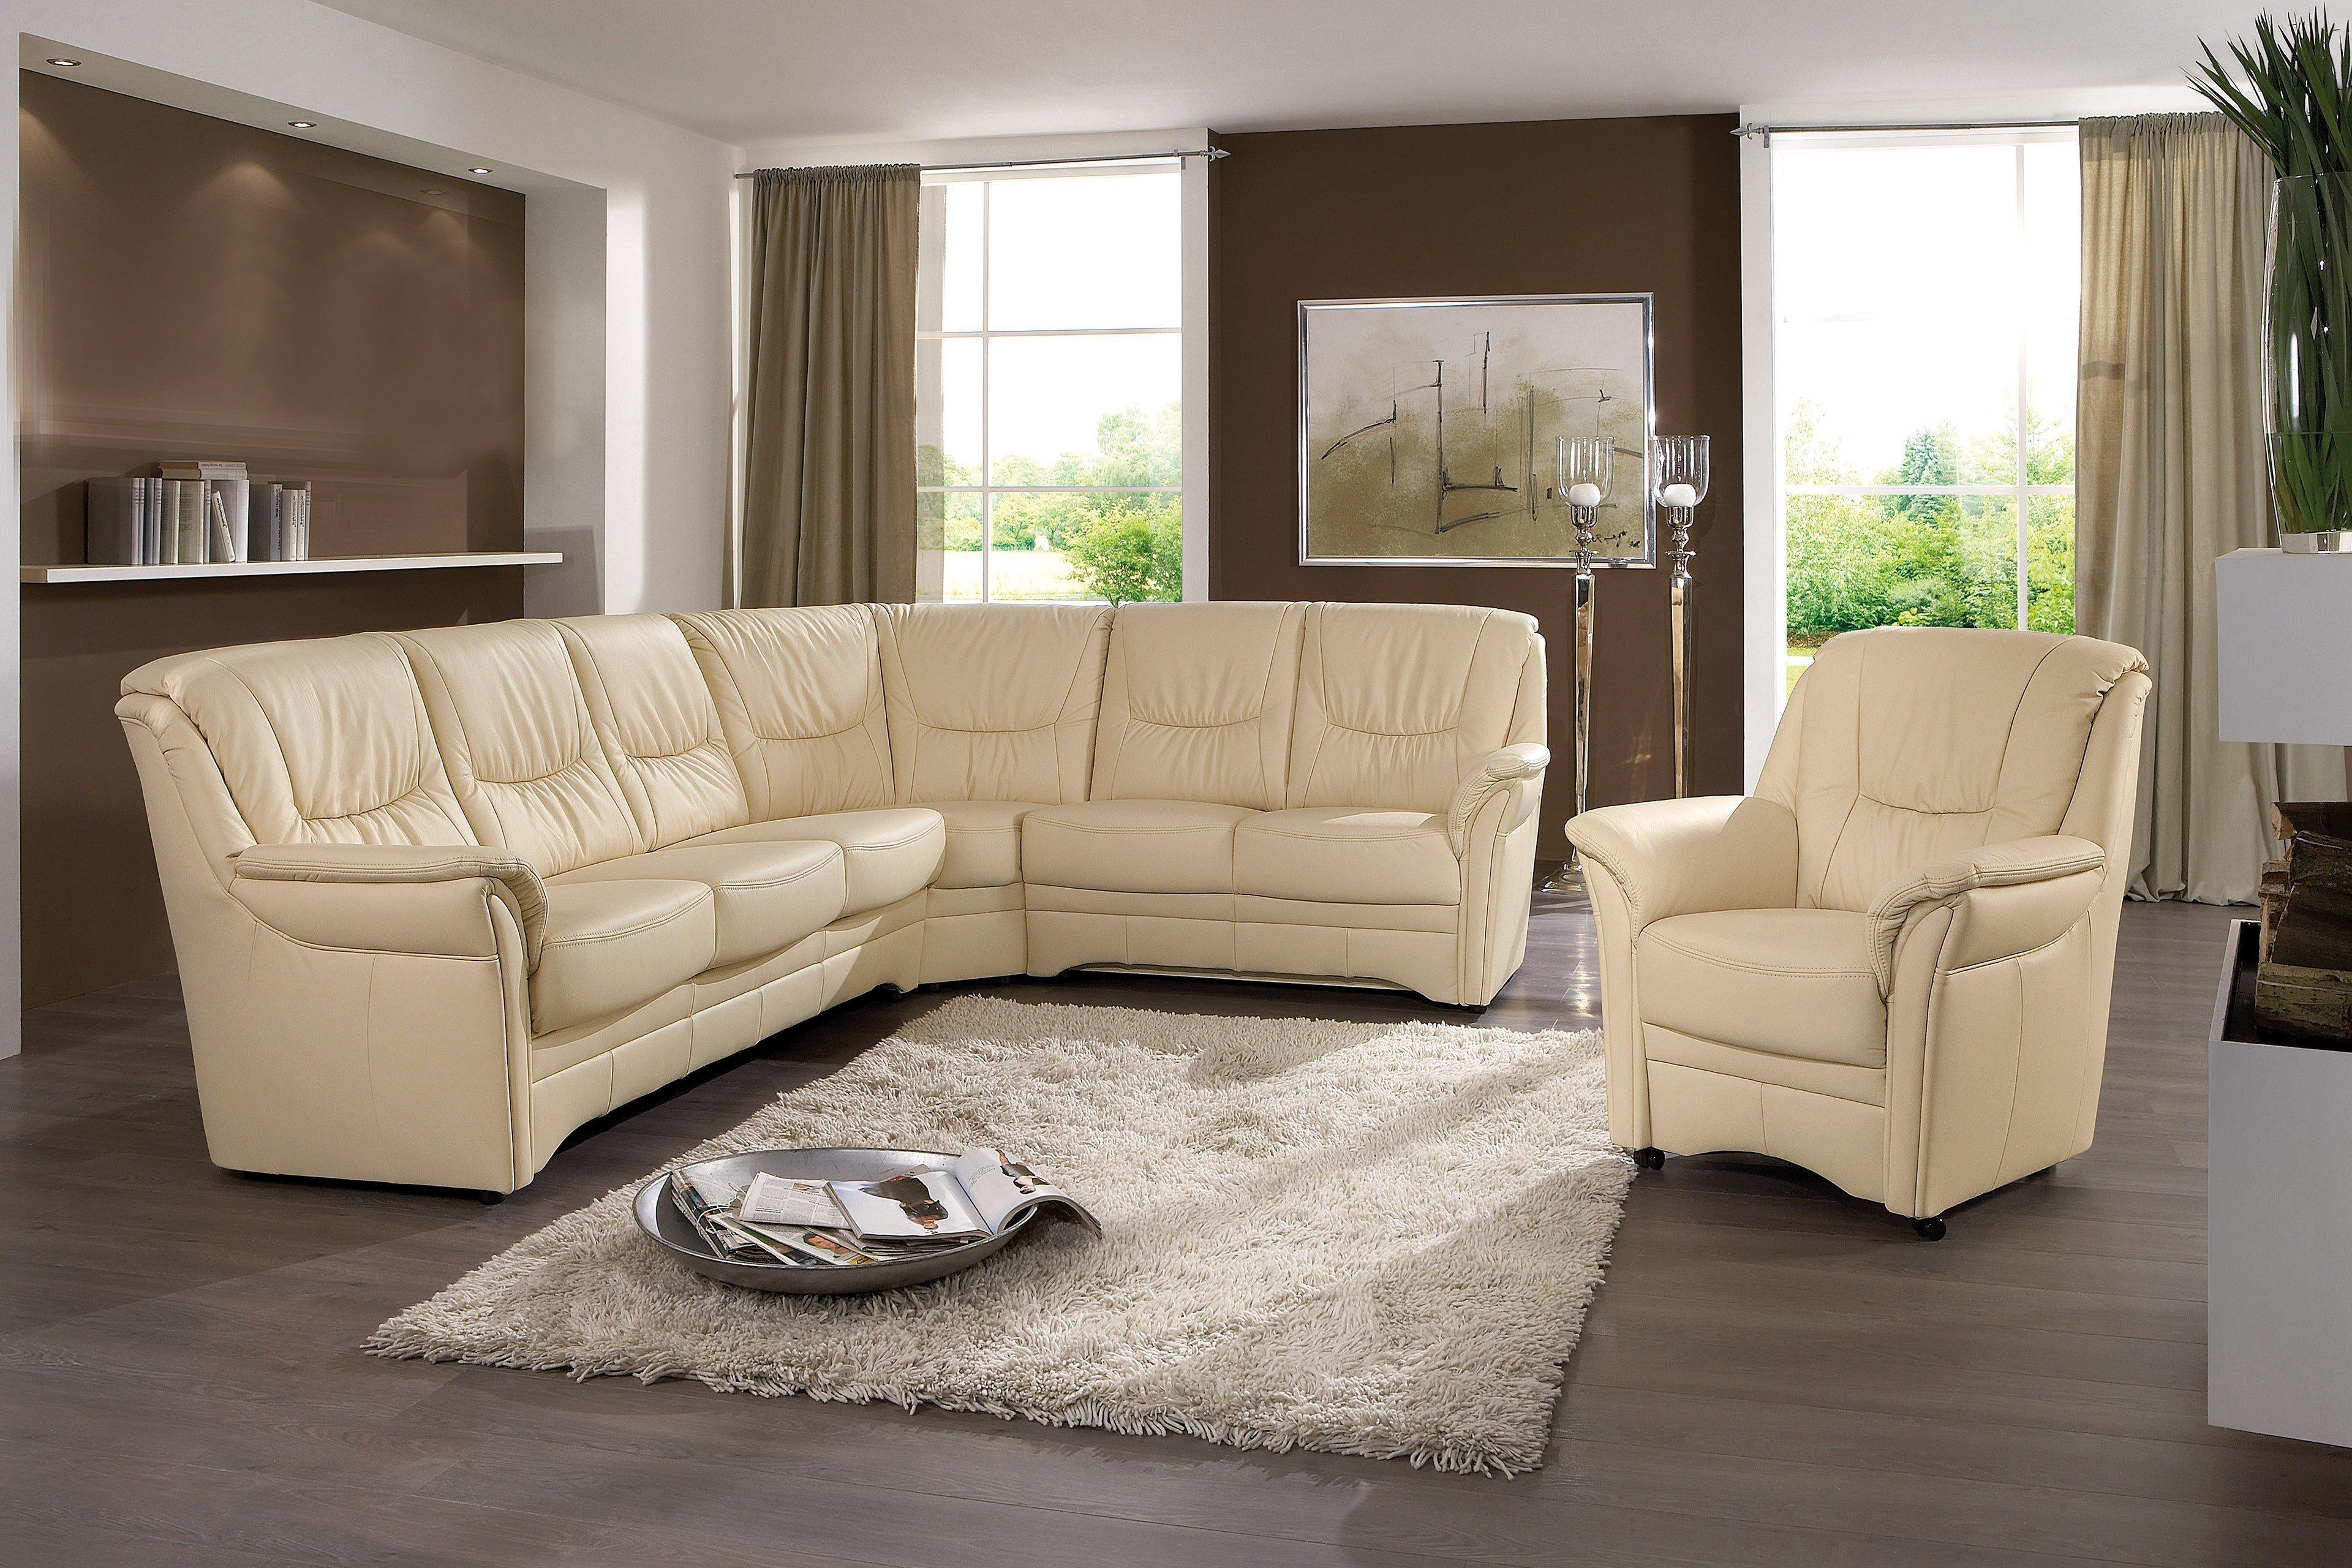 Dietsch System 2 Ledersofa in beige | Möbel Letz - Ihr Online-Shop